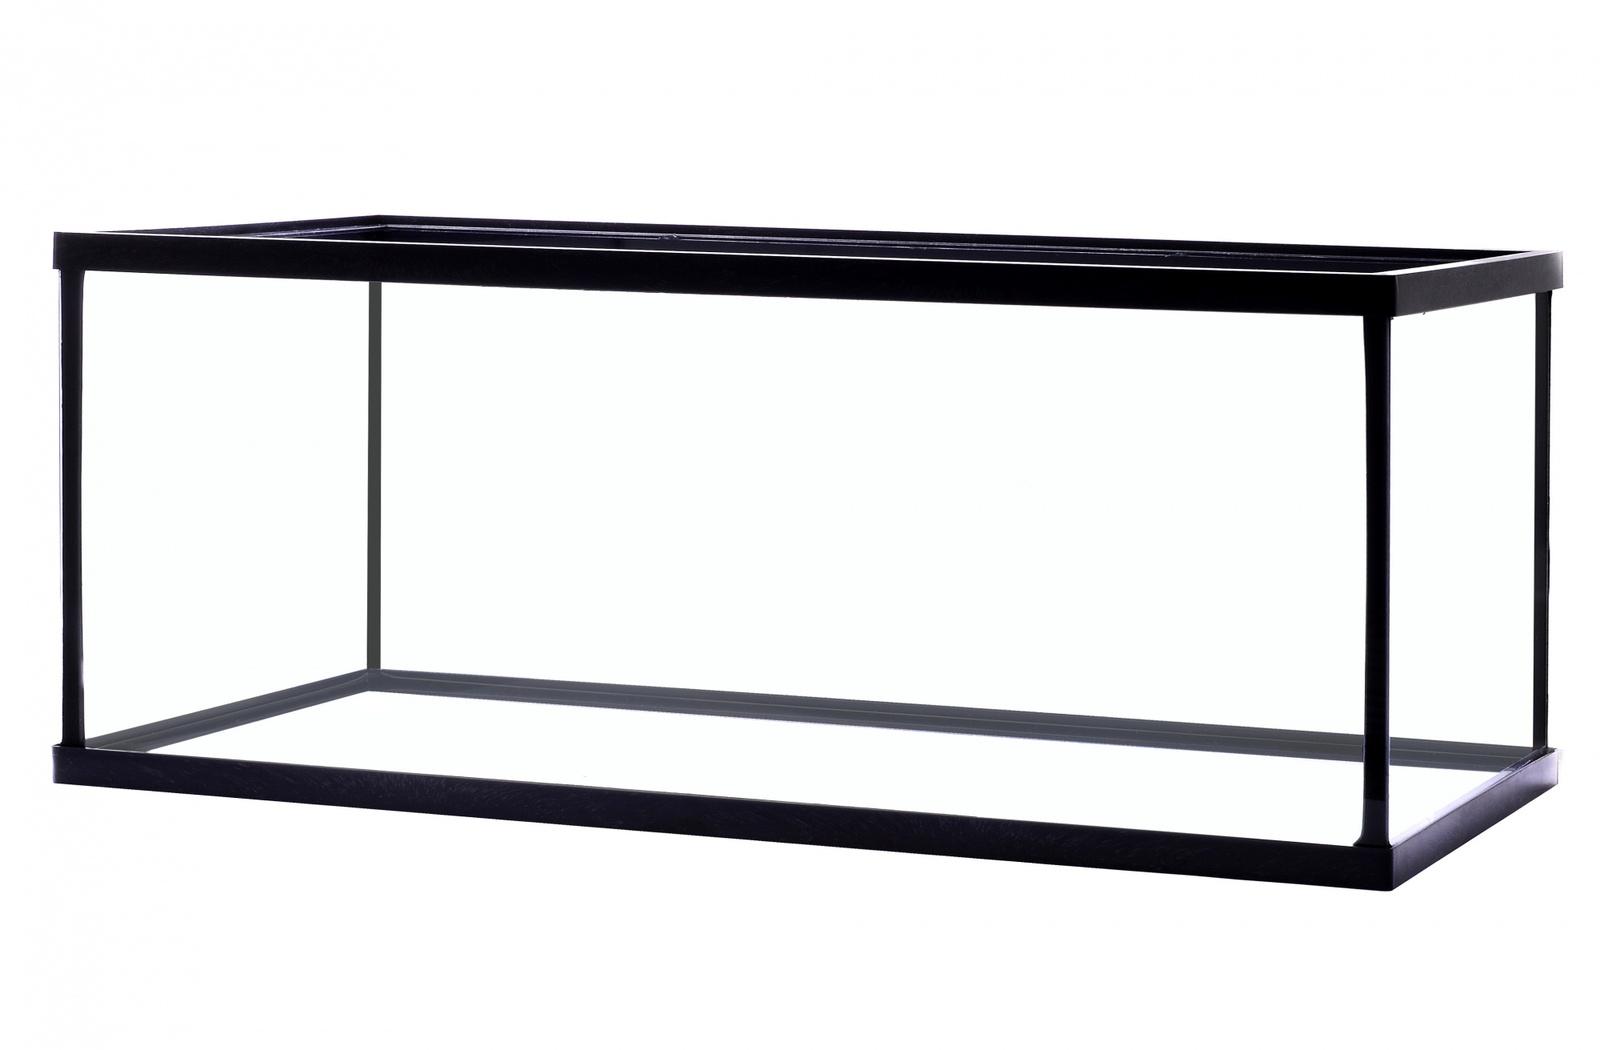 benelux Benelux ��������� ��� ������� ����������, 60 * 35 * 20 (Terrarium glas L) 4488 50511